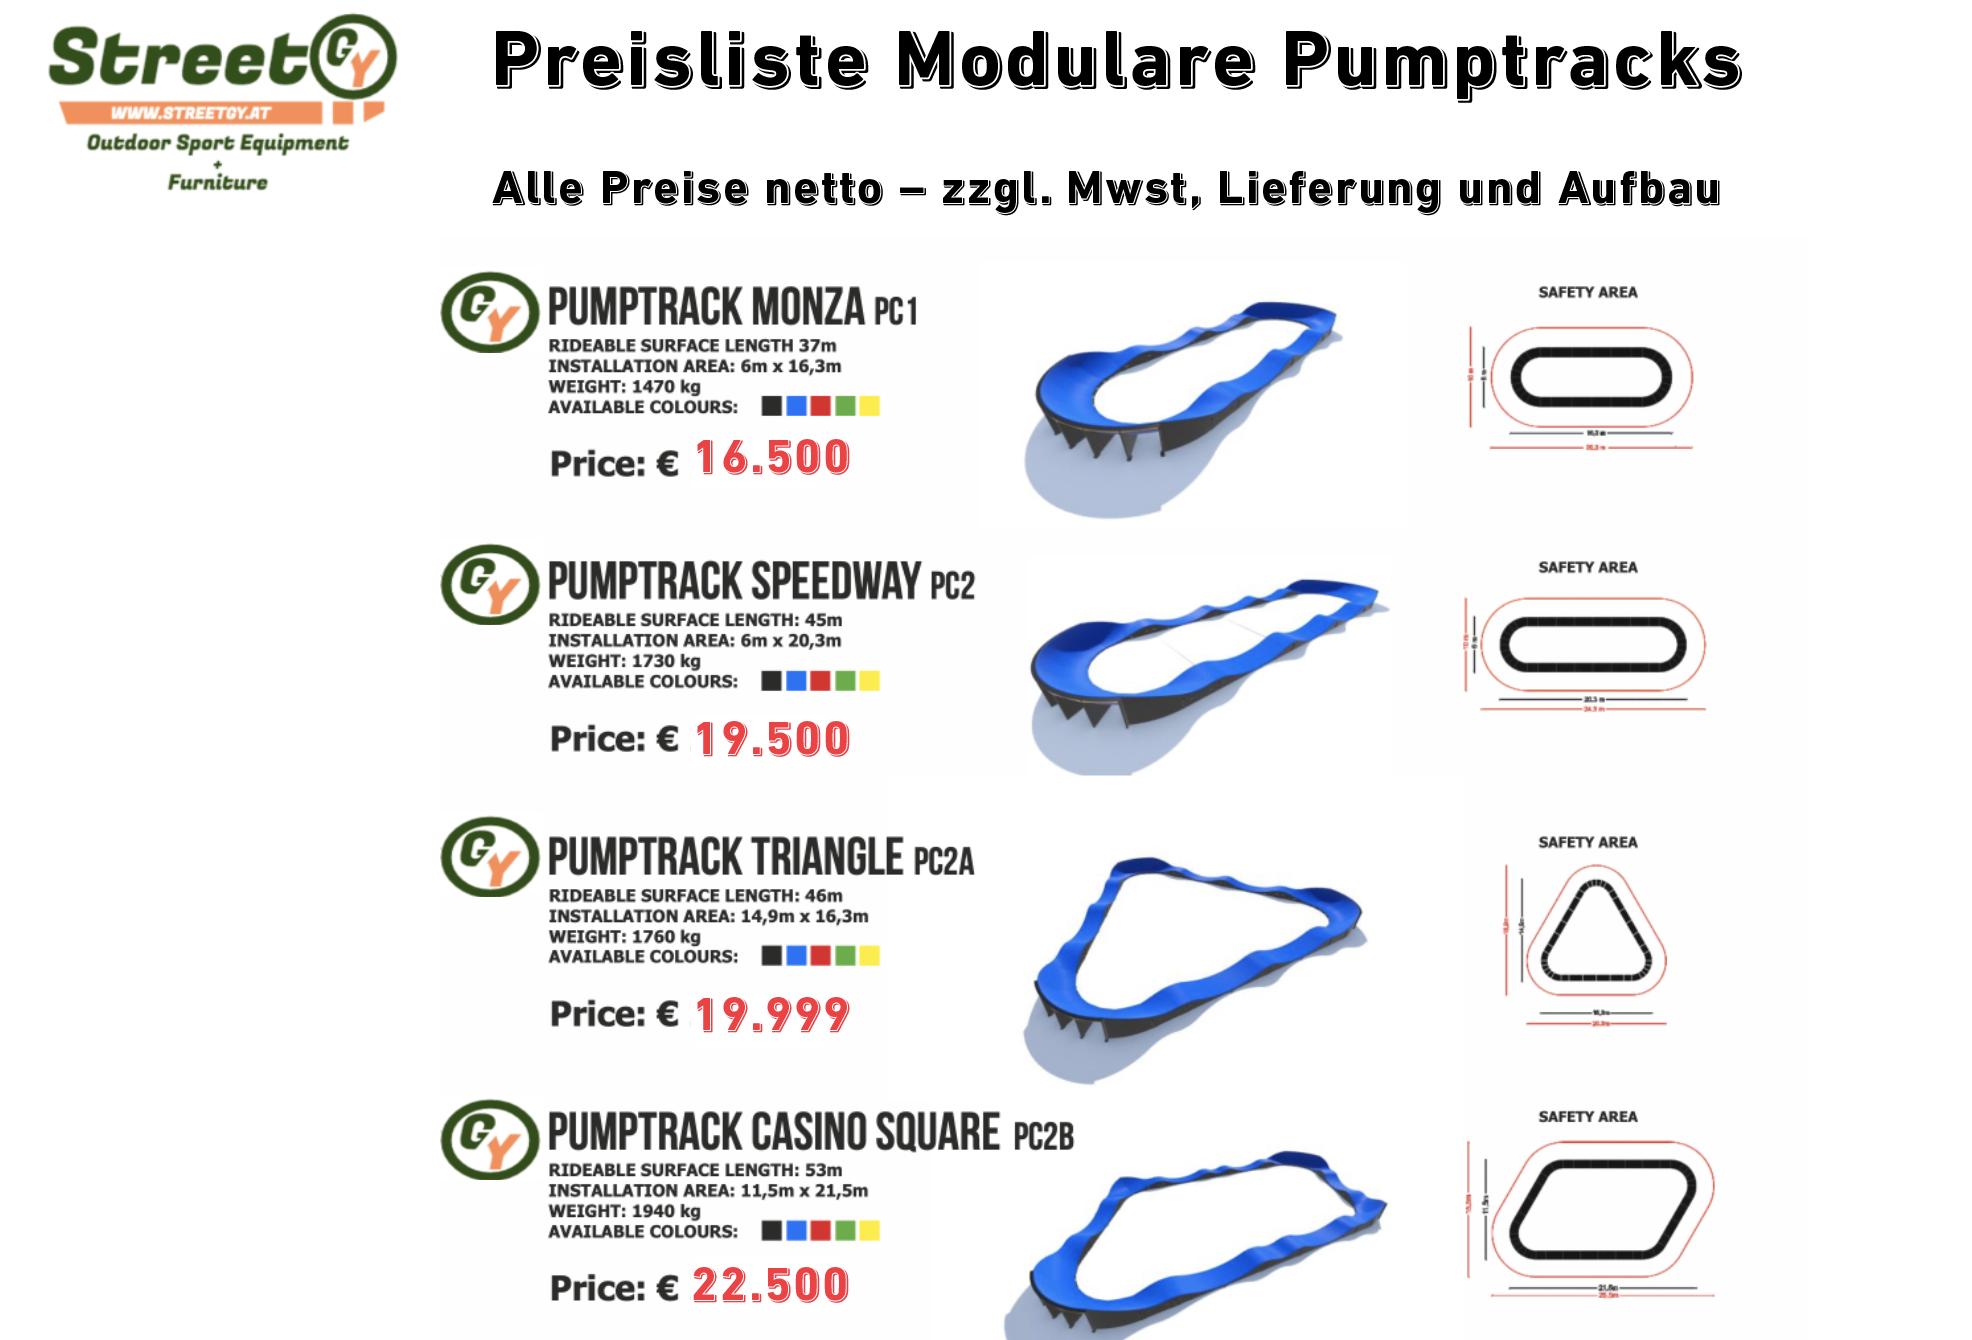 ❤️ Preisliste für Modulare Pumptracks. ❤️ ➡️ Hier finden Sie alle Informationen zu: Pumptrack Preis, Pumptrack kosten und Förderungen für Pumptracks Teil 1